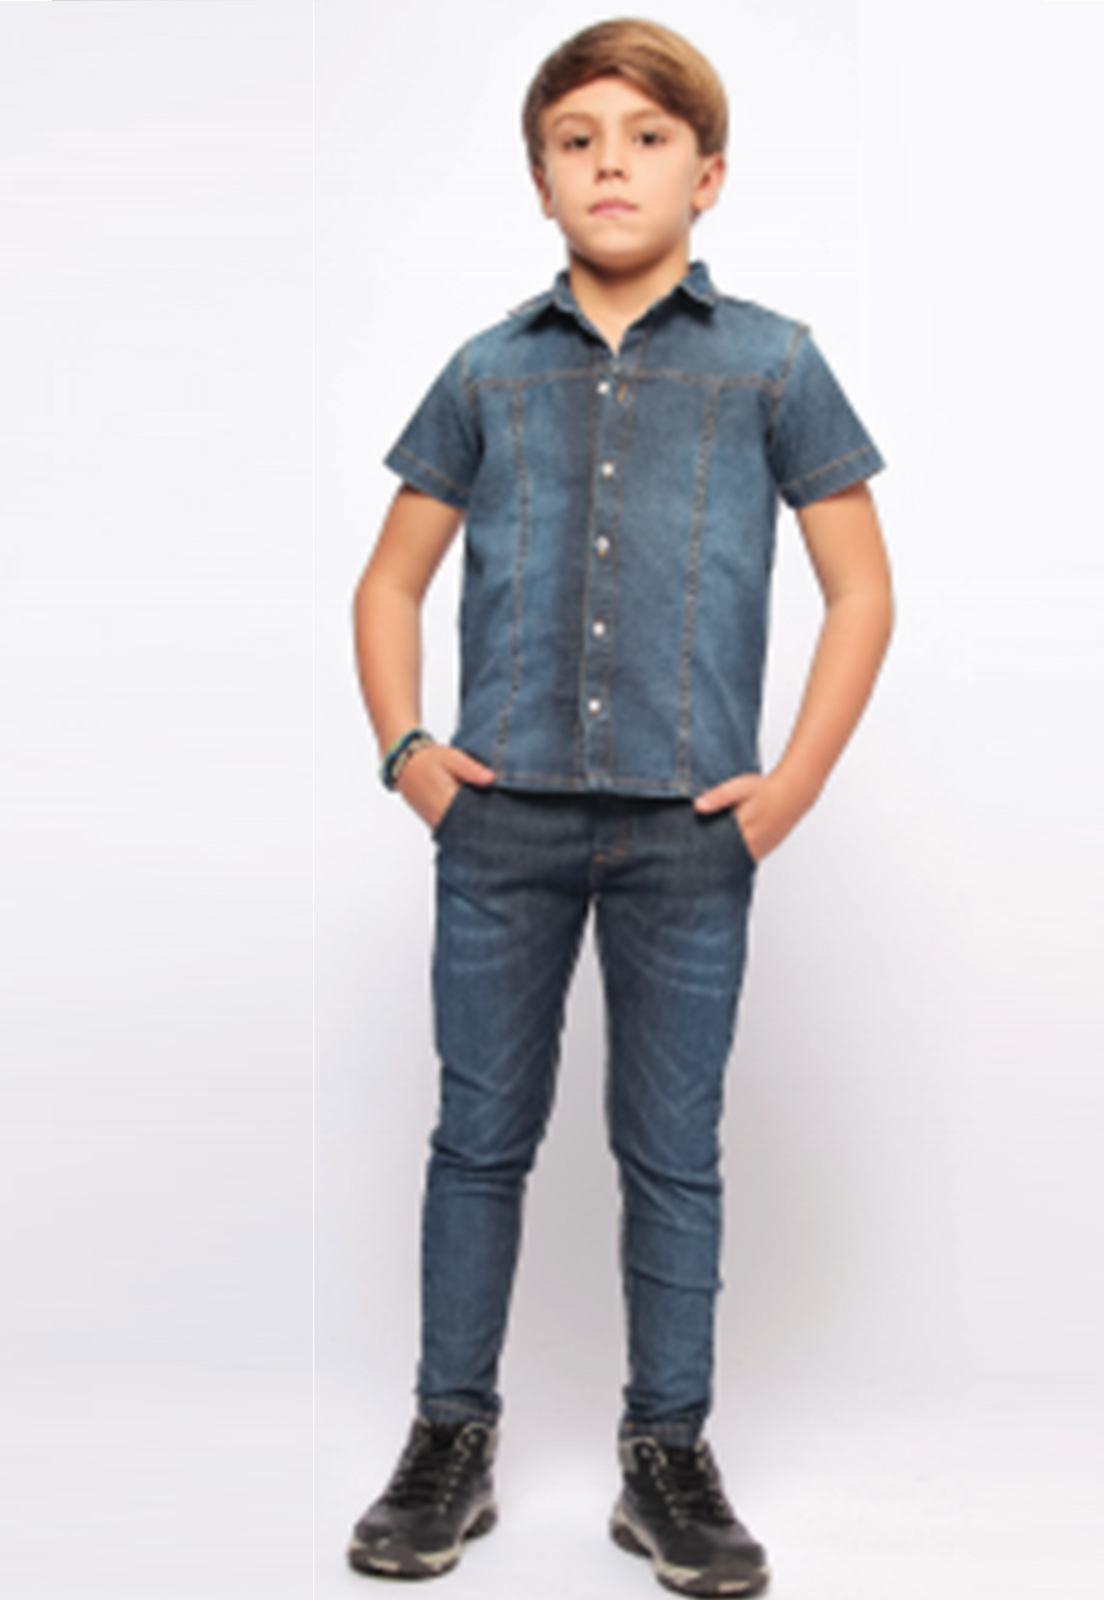 Camisa Jeans Estonada para Menino Ref. 246